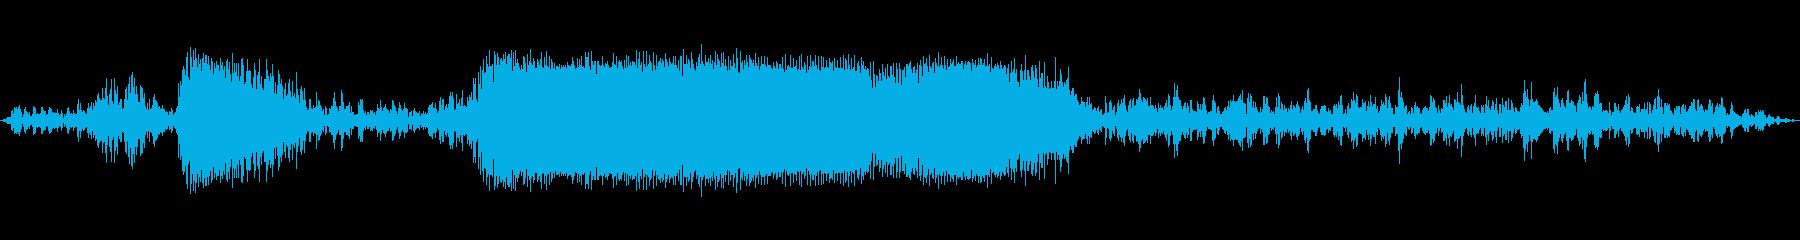 ドラッグスターはスタートラインでタ...の再生済みの波形